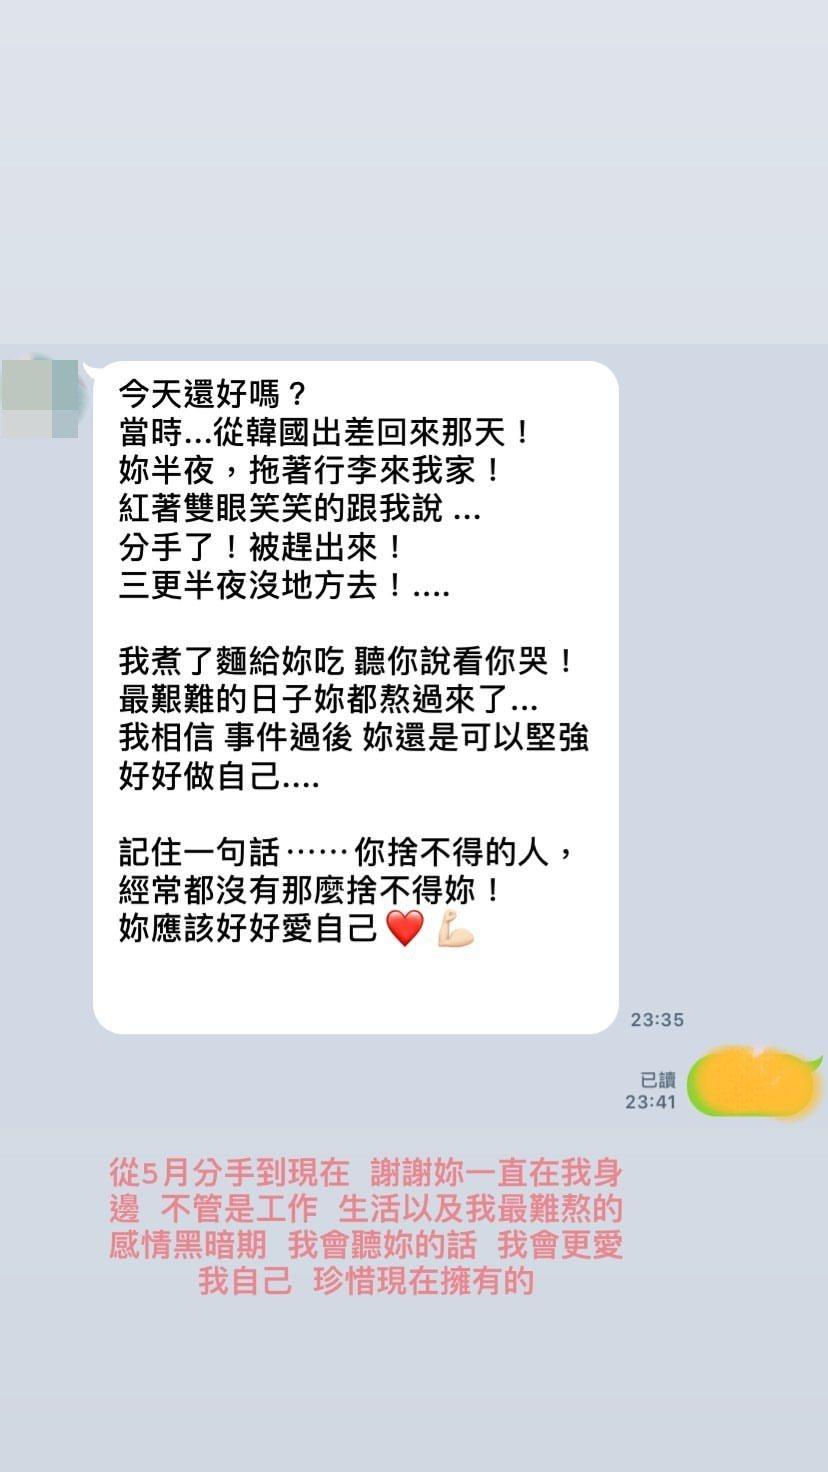 畢書盡前女友分享好友為她打氣的留言。 圖/擷自IG